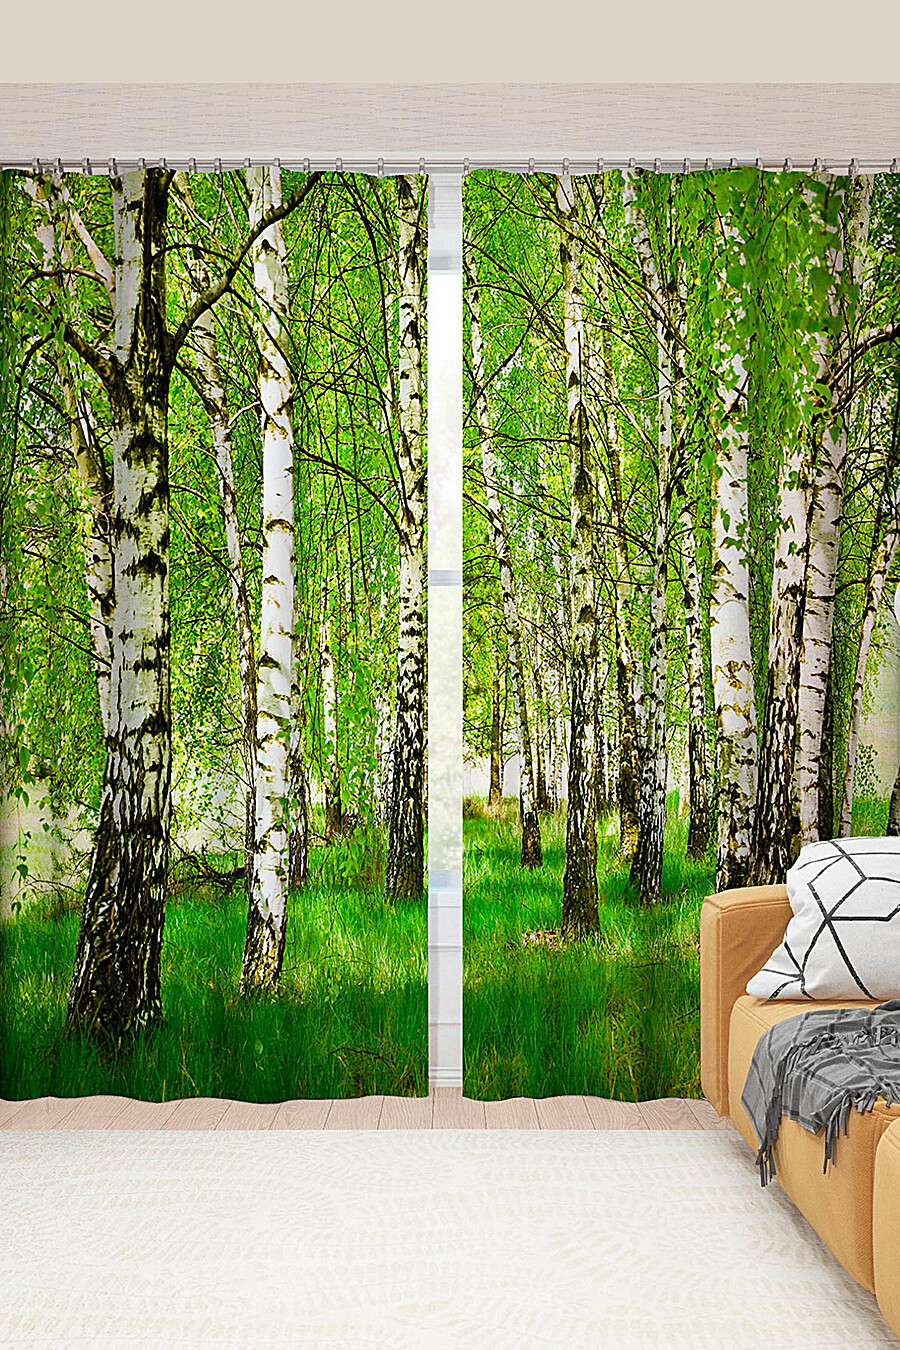 Фотошторы для дома ART HOME TEXTILE 123484 купить оптом от производителя. Совместная покупка товаров для дома в OptMoyo